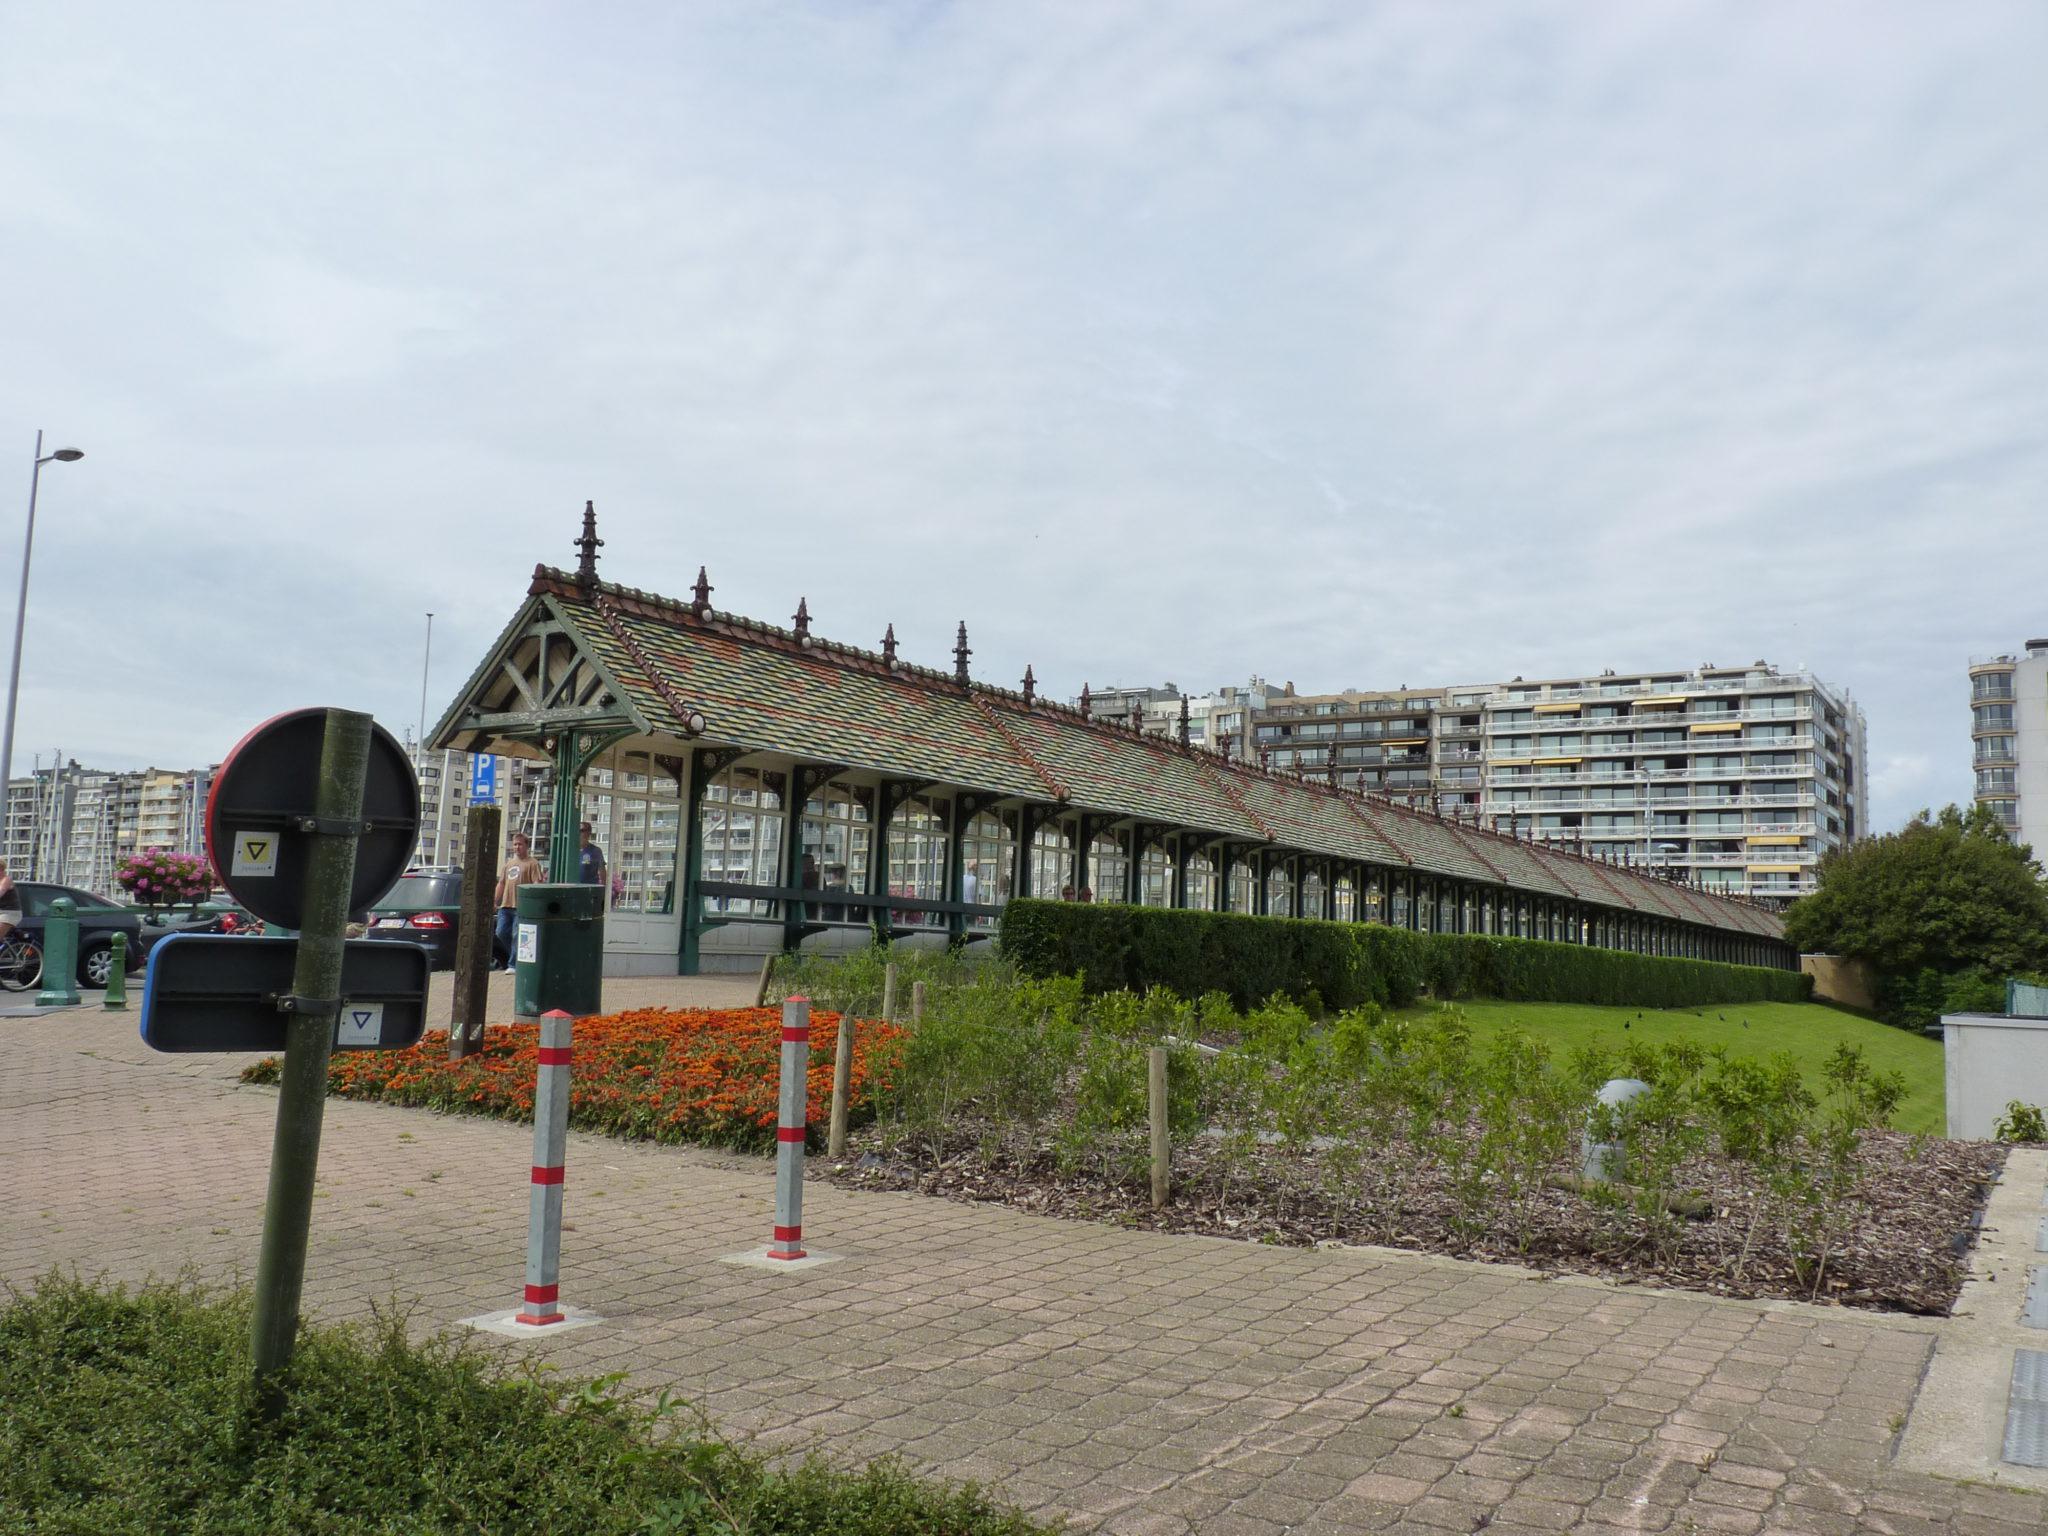 Te voet van Blankenberge naar Wenduine.